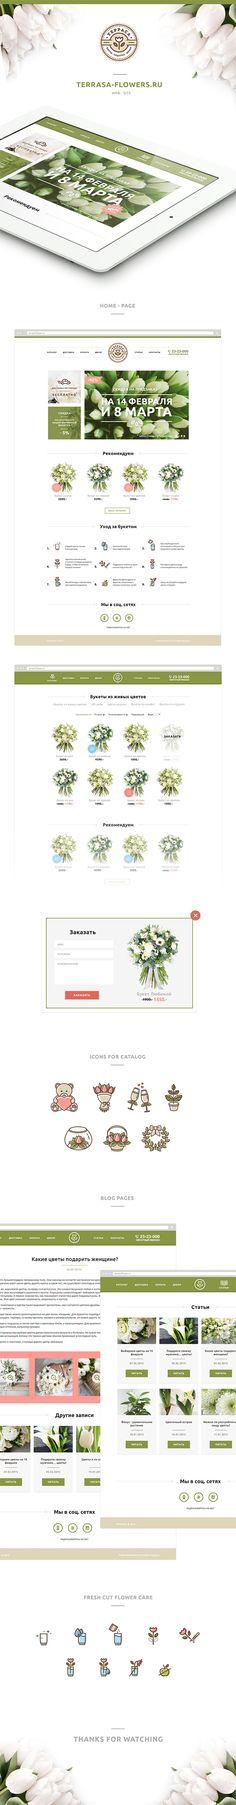 TERRASA FLOWERS, Site © YanaKlochihina